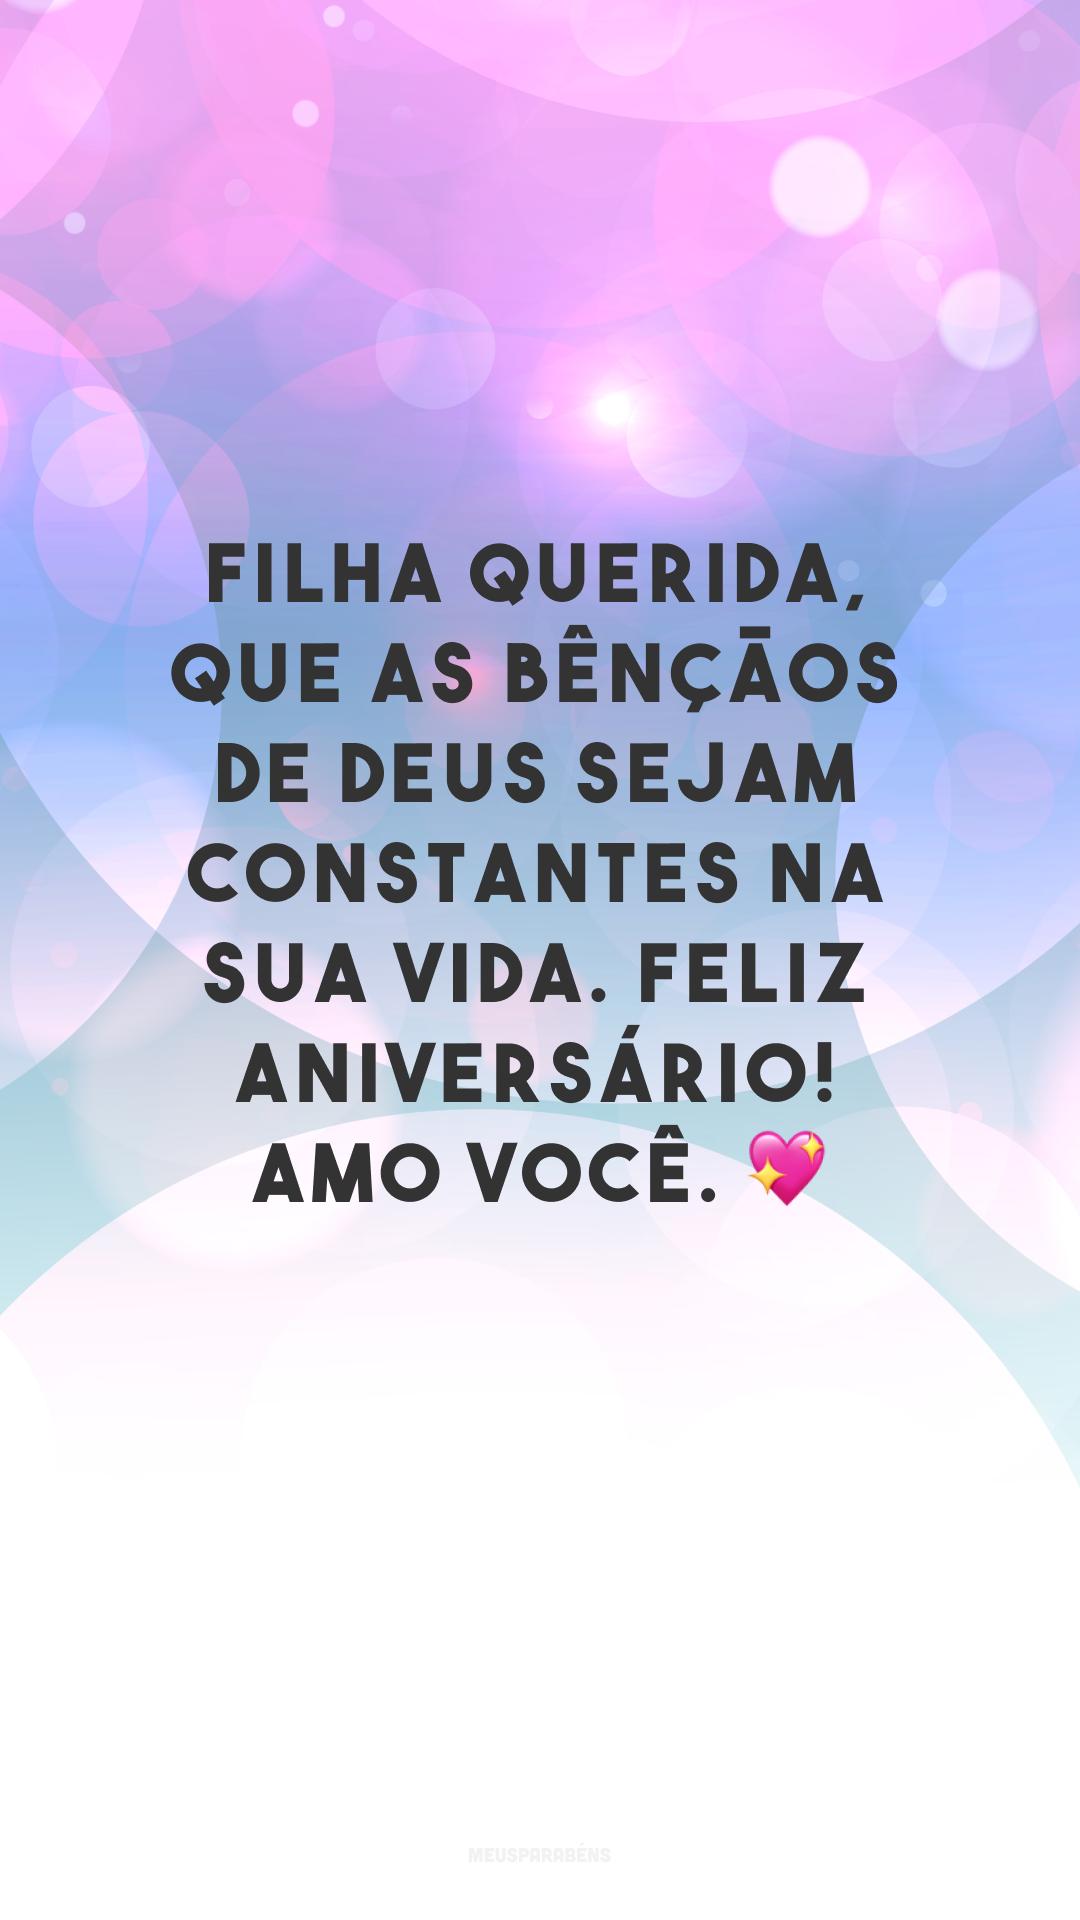 Filha querida, que as bênçãos de Deus sejam constantes na sua vida. Feliz aniversário! Amo você. ?